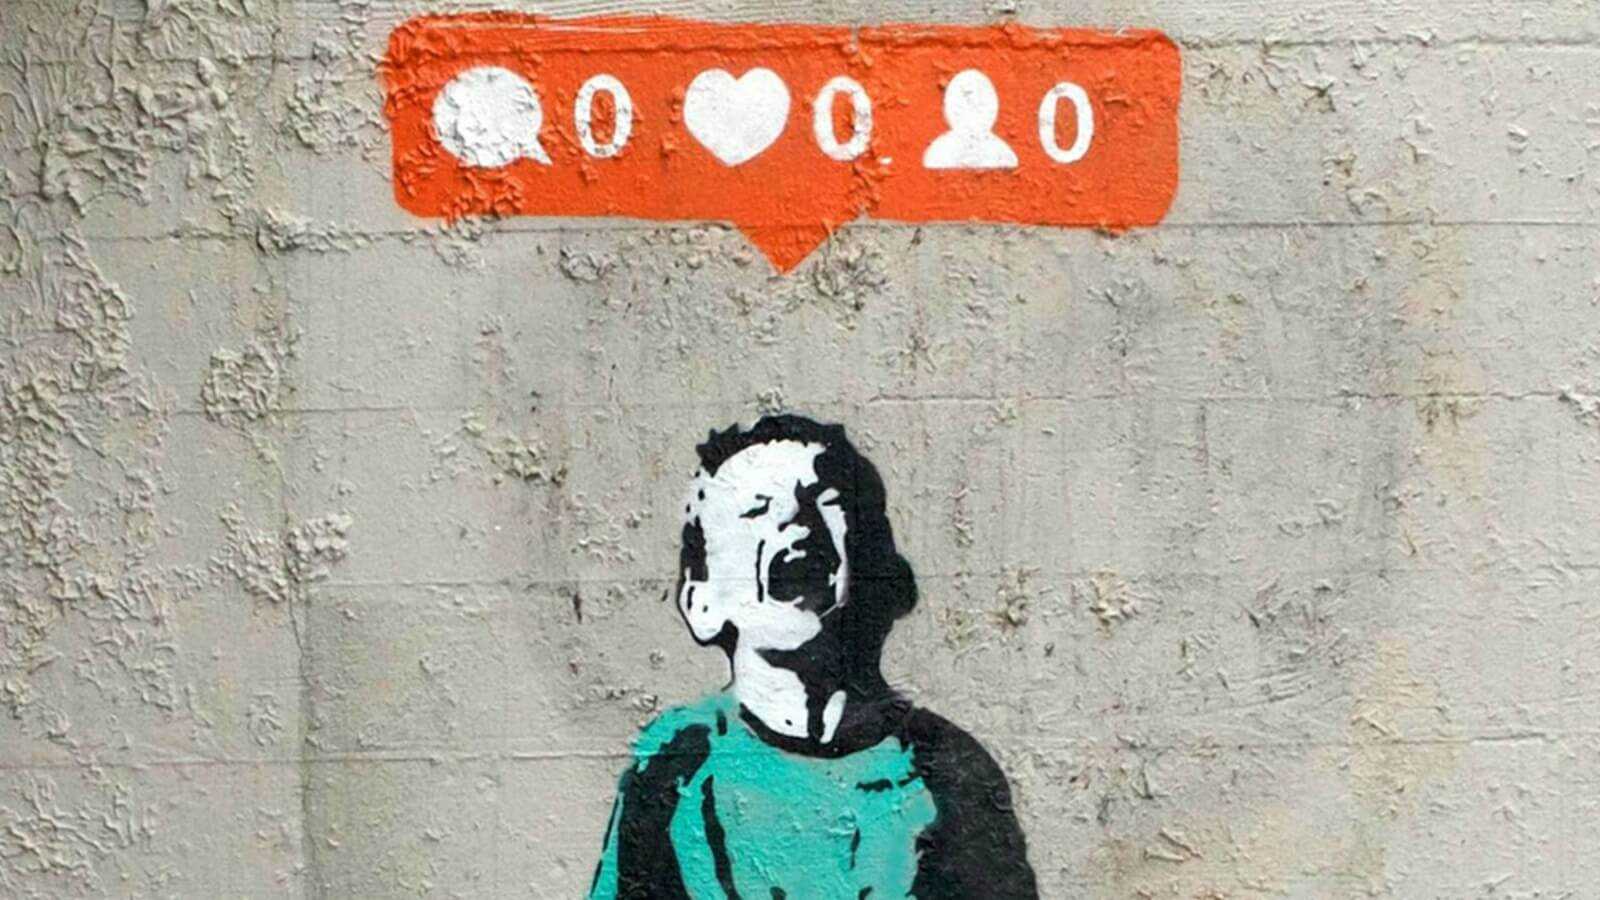 El festival Paradox presentará 22 obras de Banksy